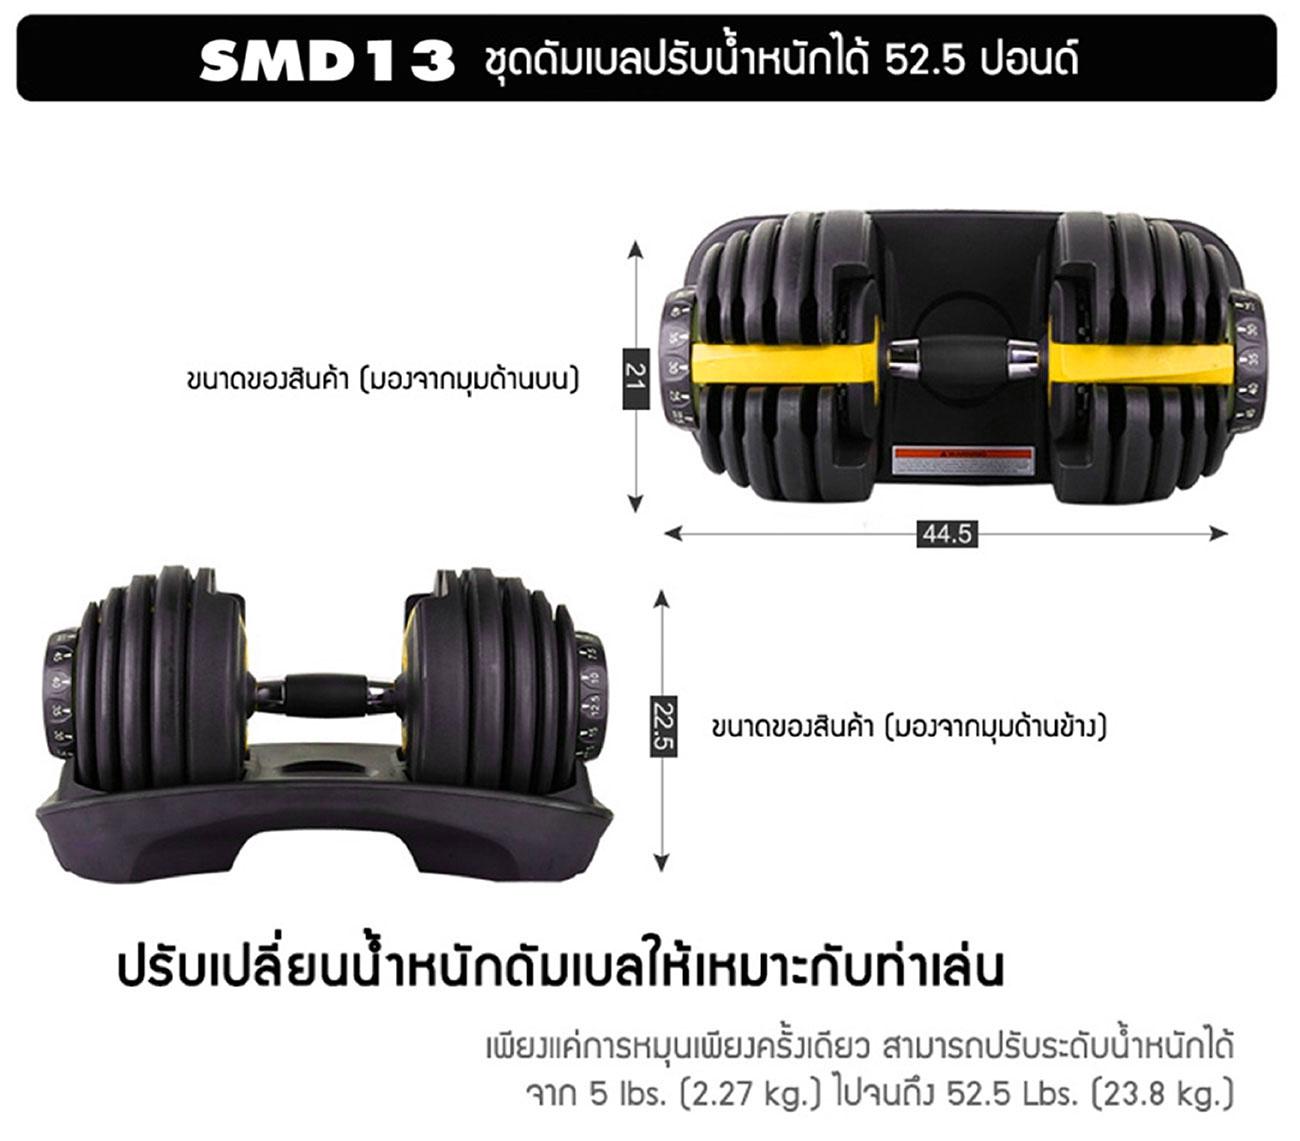 ชุดดัมเบลปรับน้ำหนักได้ ขนาด 52.5 ปอนด์ พร้อมชั้นวาง